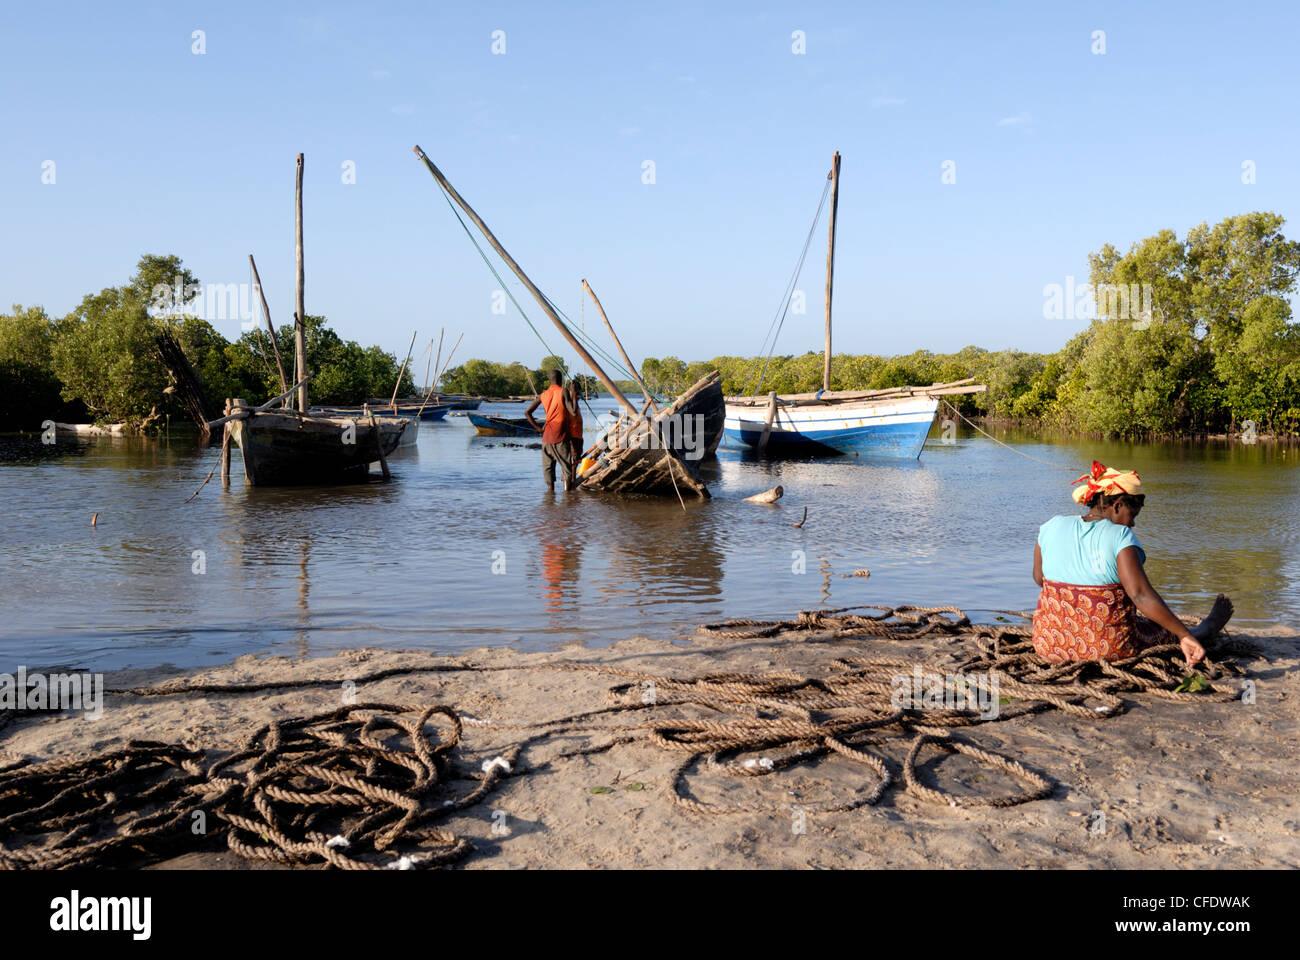 Les dhows, port près de l'île d'Ibo, le Mozambique, l'Afrique Photo Stock